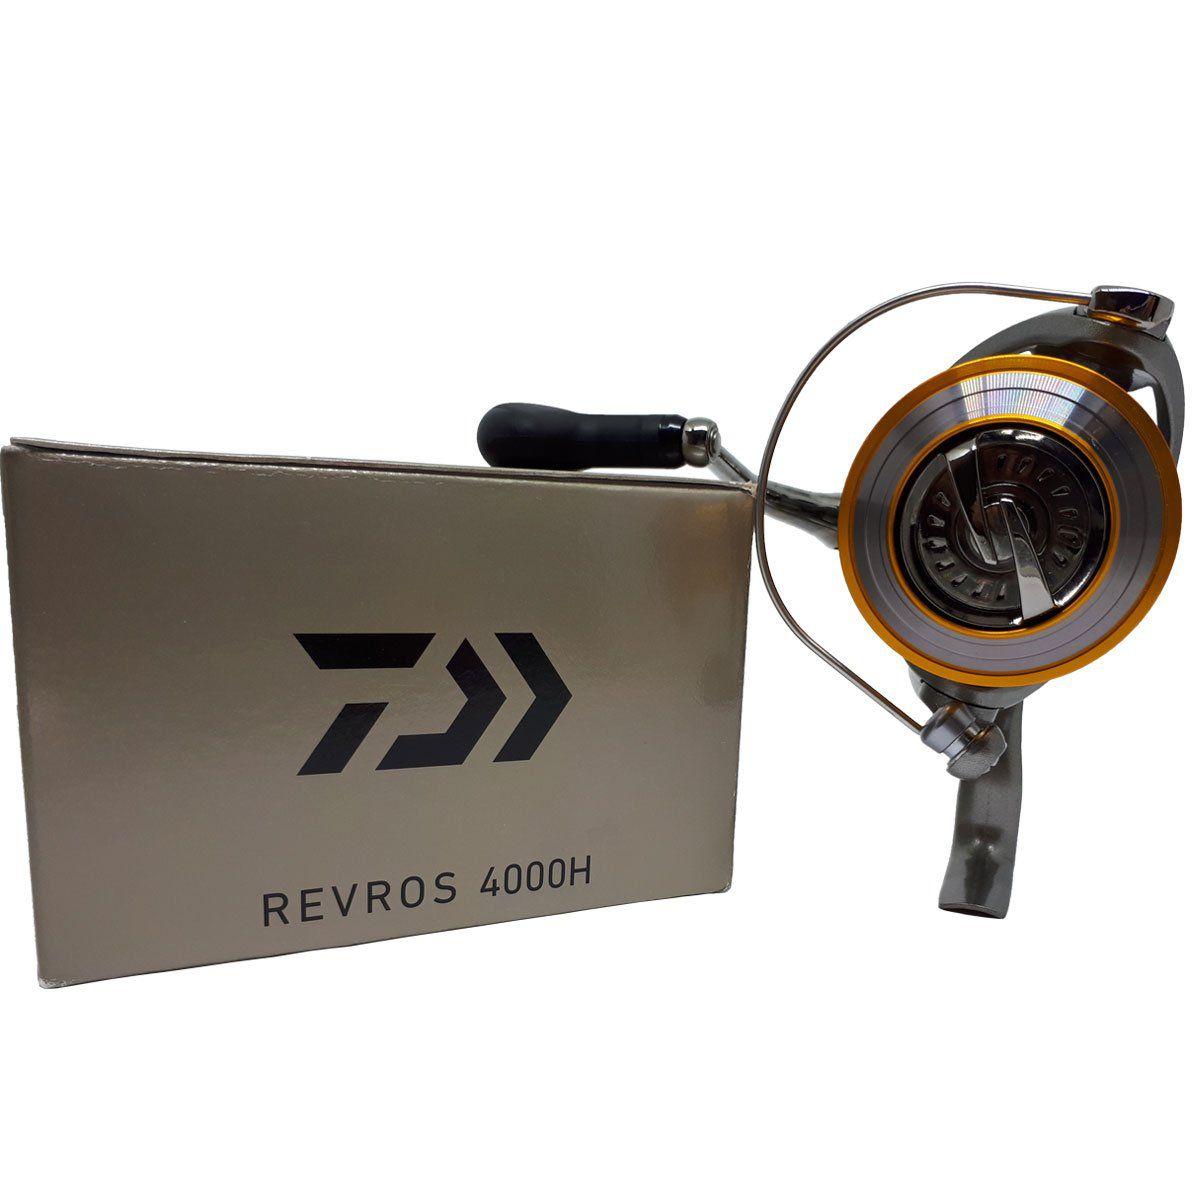 Molinete Daiwa Revros REV4000H Fricção Diant 8 Rols